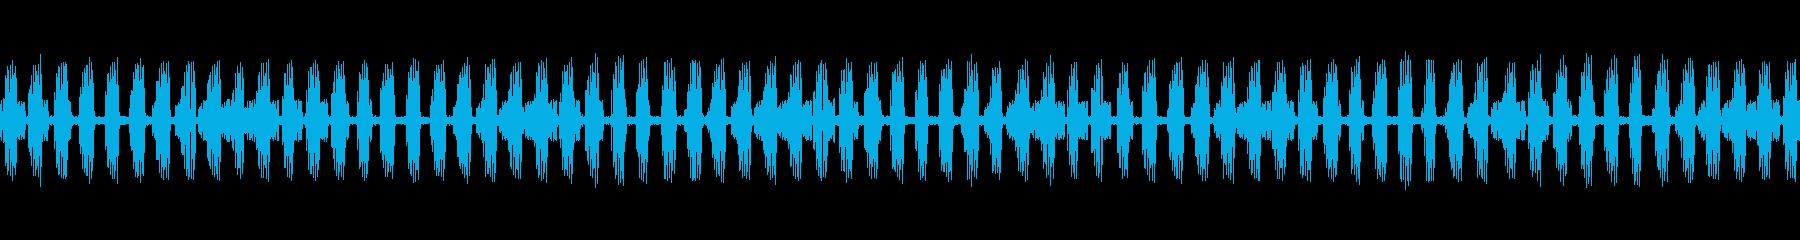 【生録音】秋の虫たちが鳴く音2 ループの再生済みの波形